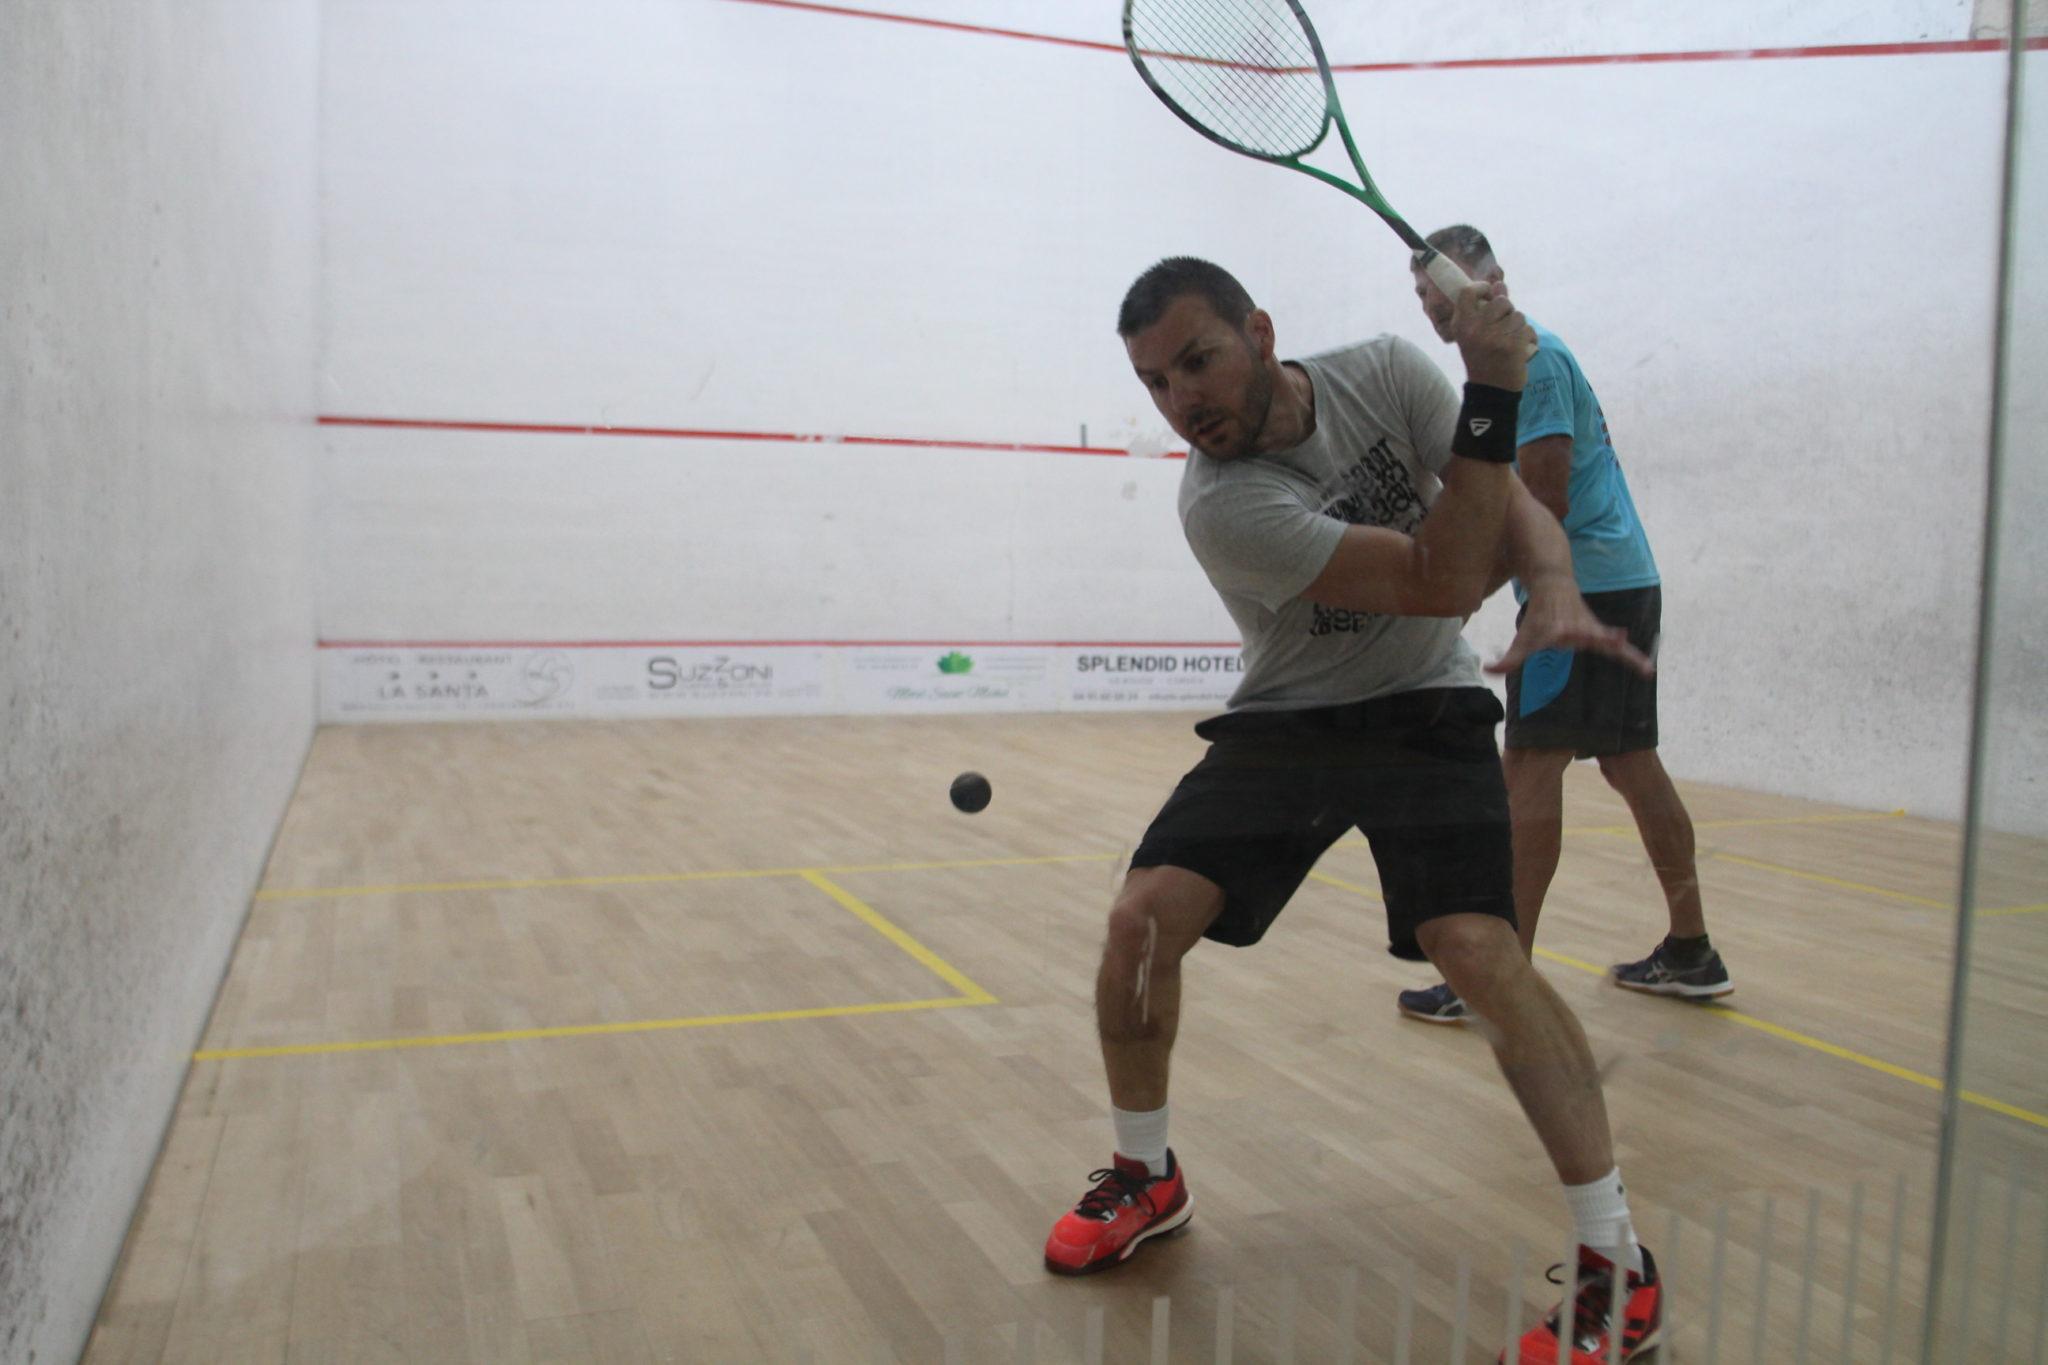 Padel et squash : similarités et différences